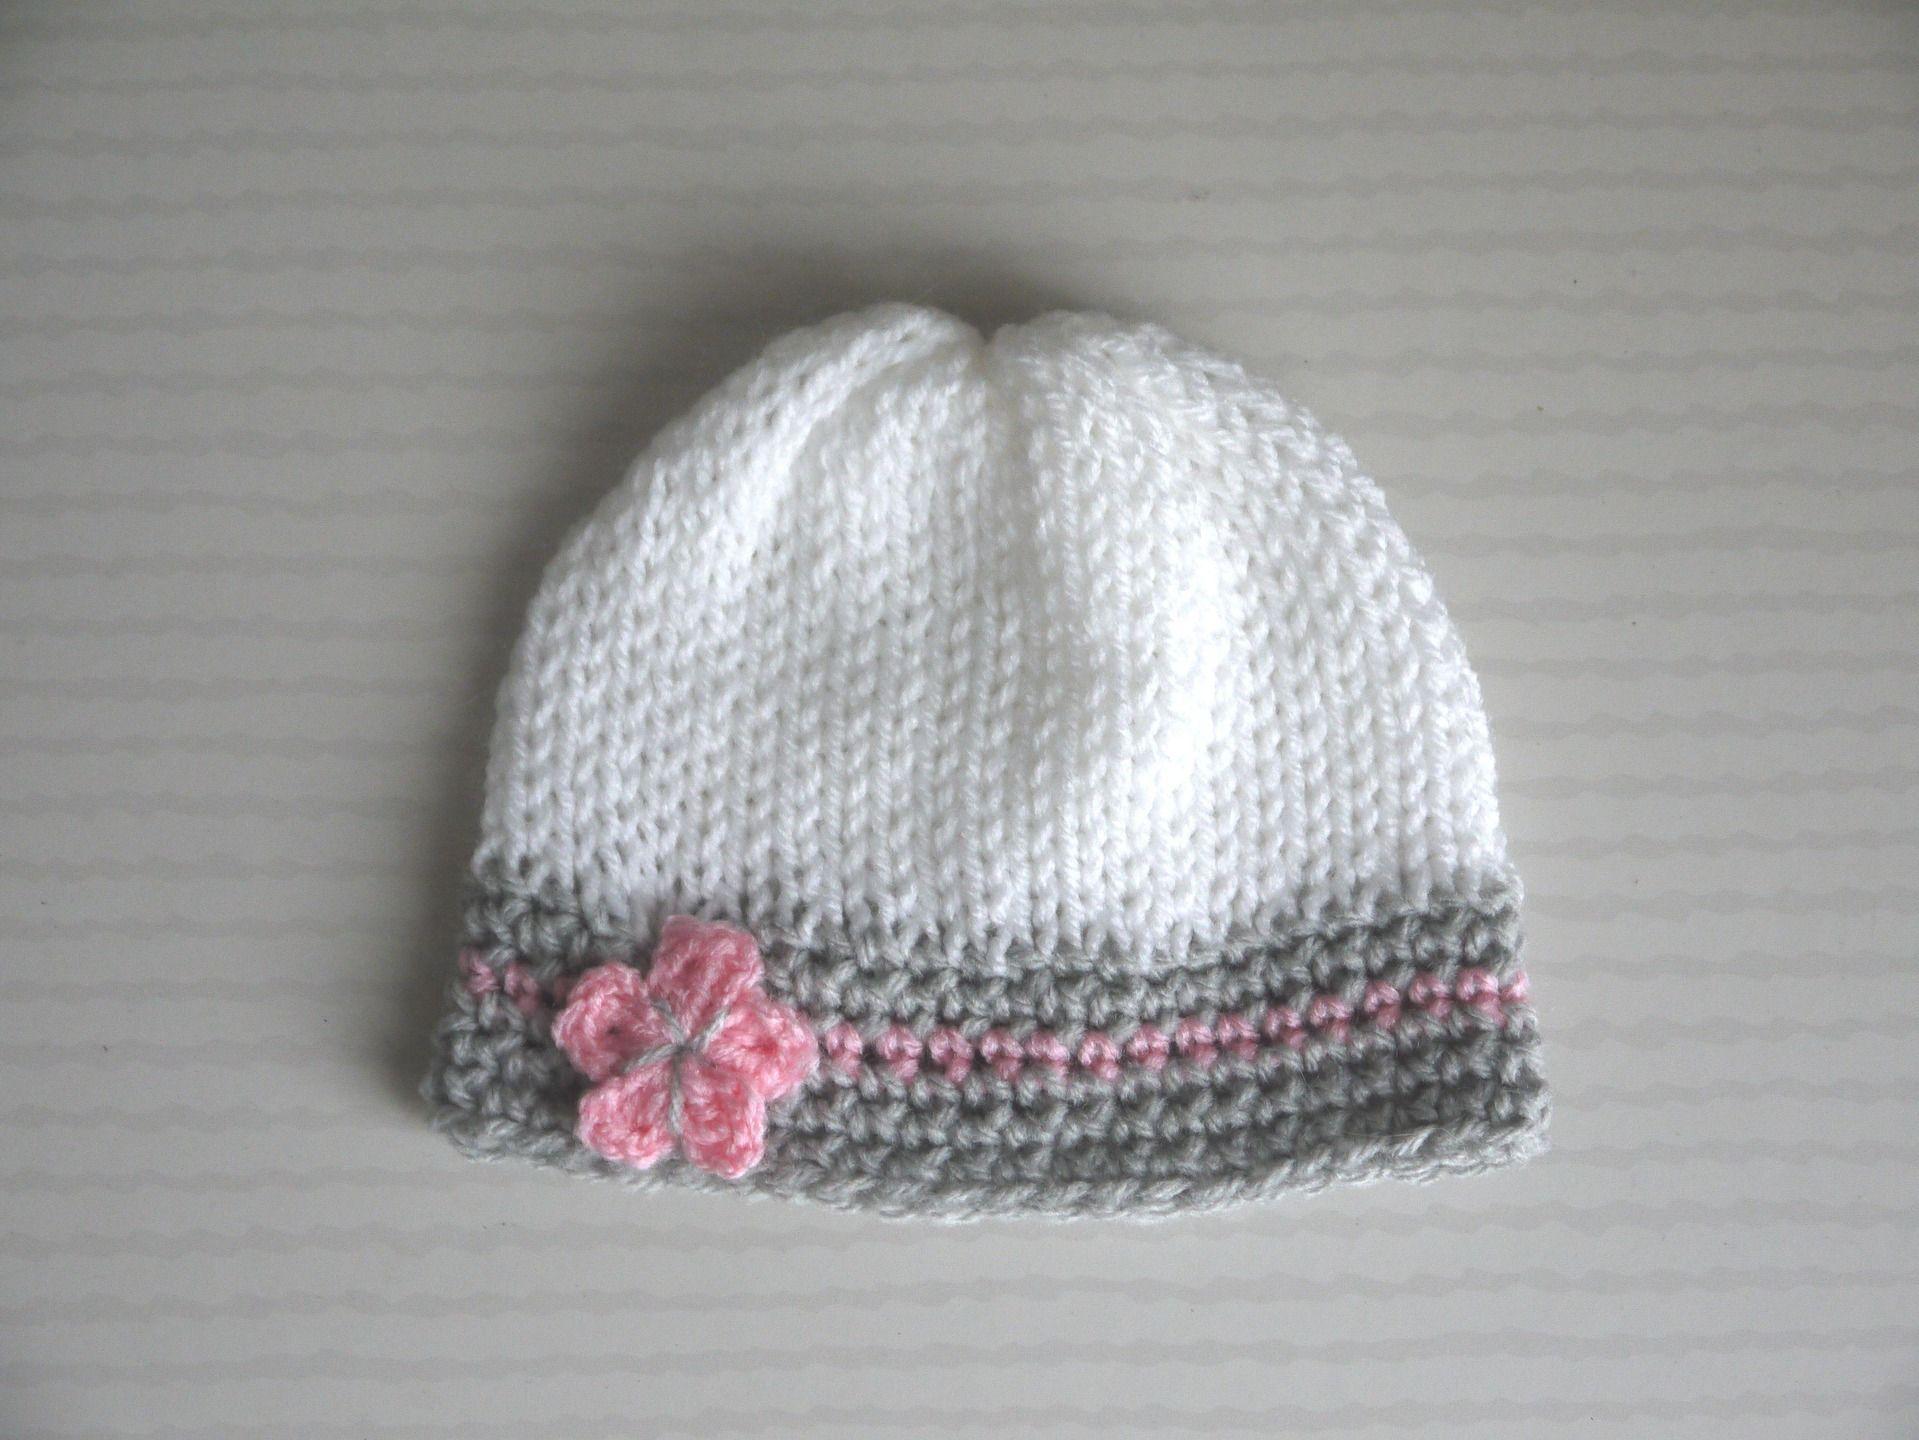 db1b4f43f01 Bonnet Naissance bébé 0 3 mois Fille Blanc Gris clair Rose fleur Mode Bébé  ...